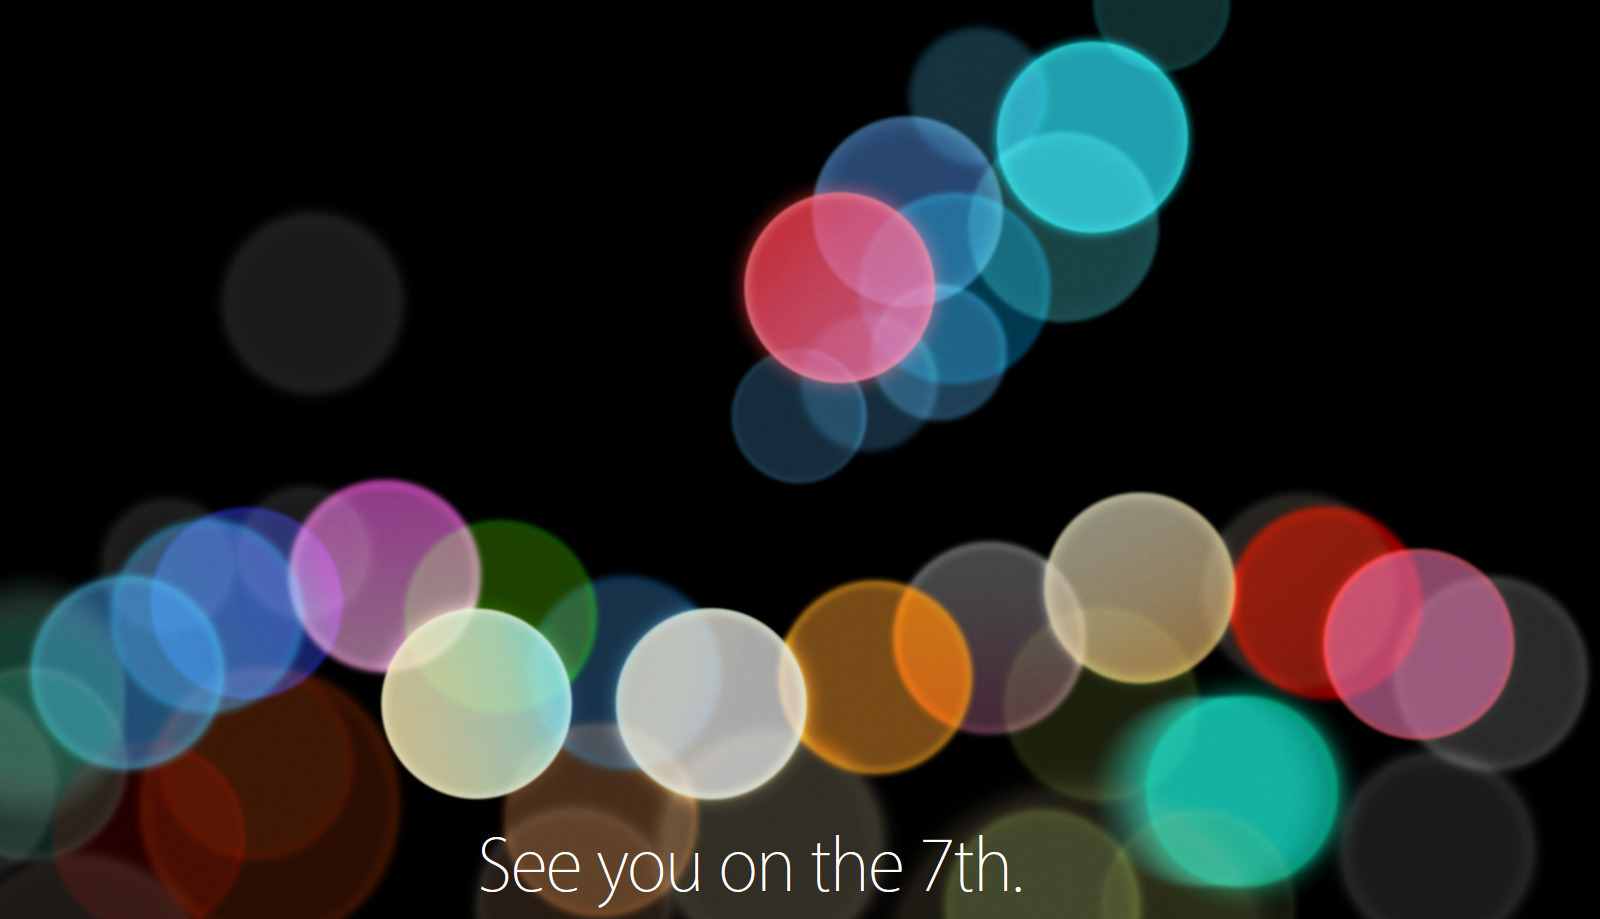 Сегодня презентация Apple: чего ожидать